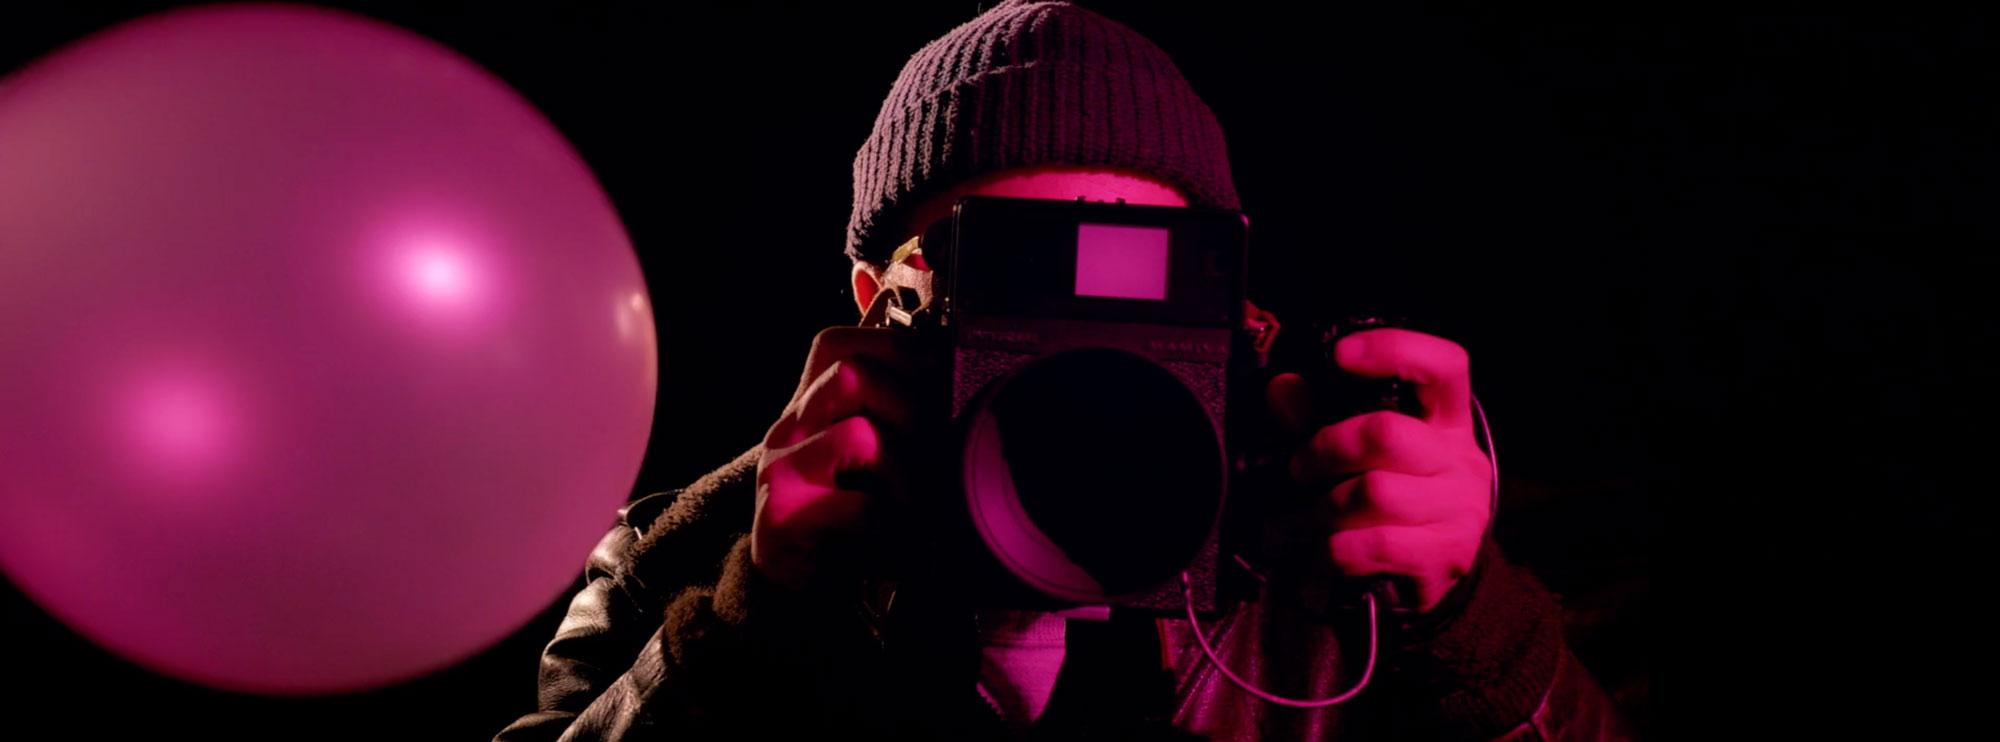 polaroidream_03